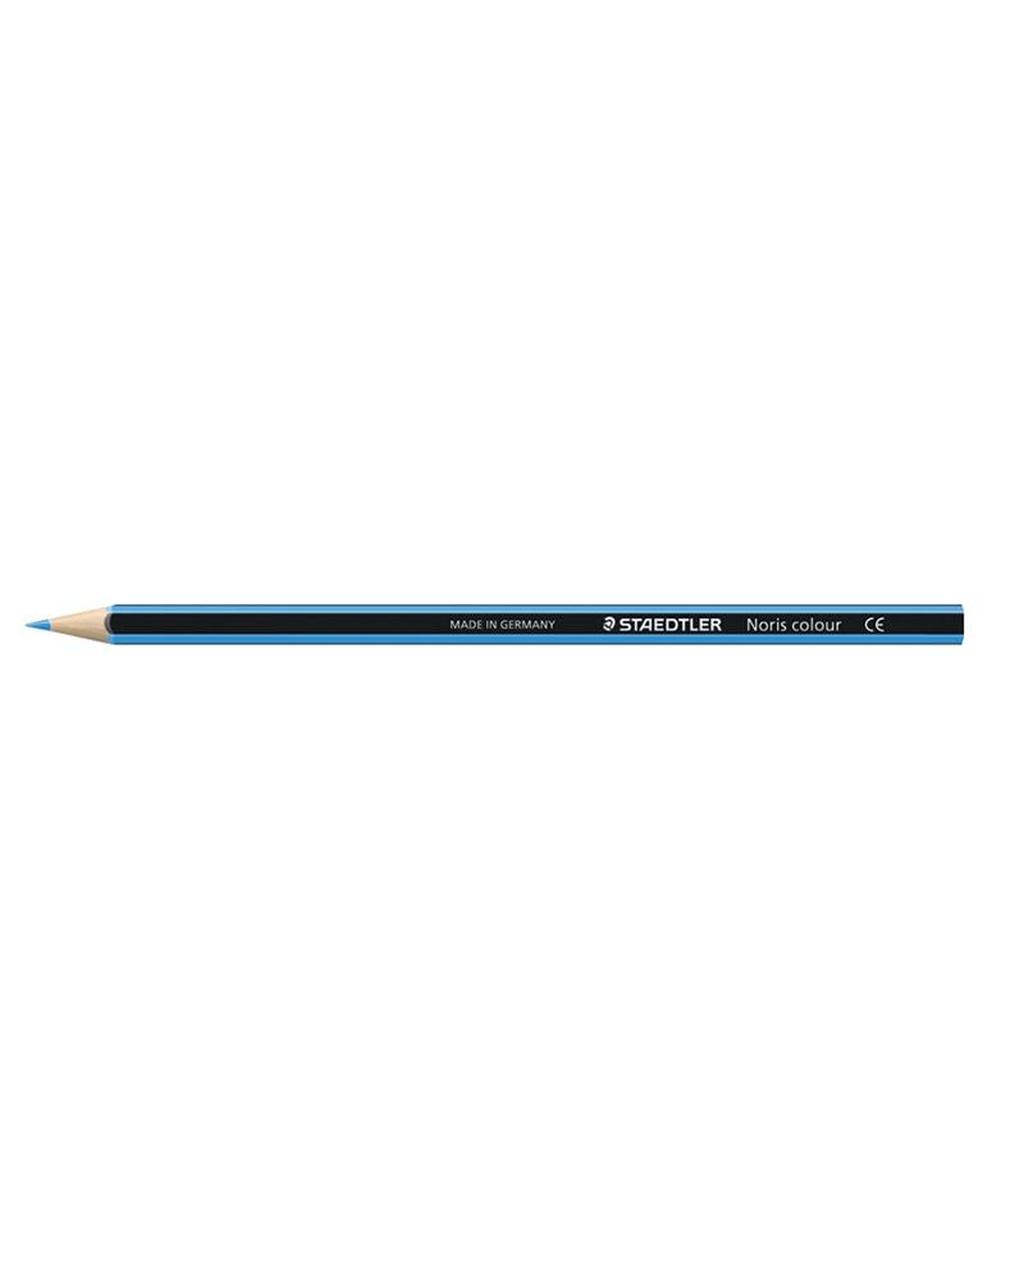 Staedtler Noris Colour Colouring Pencils - Light Blue